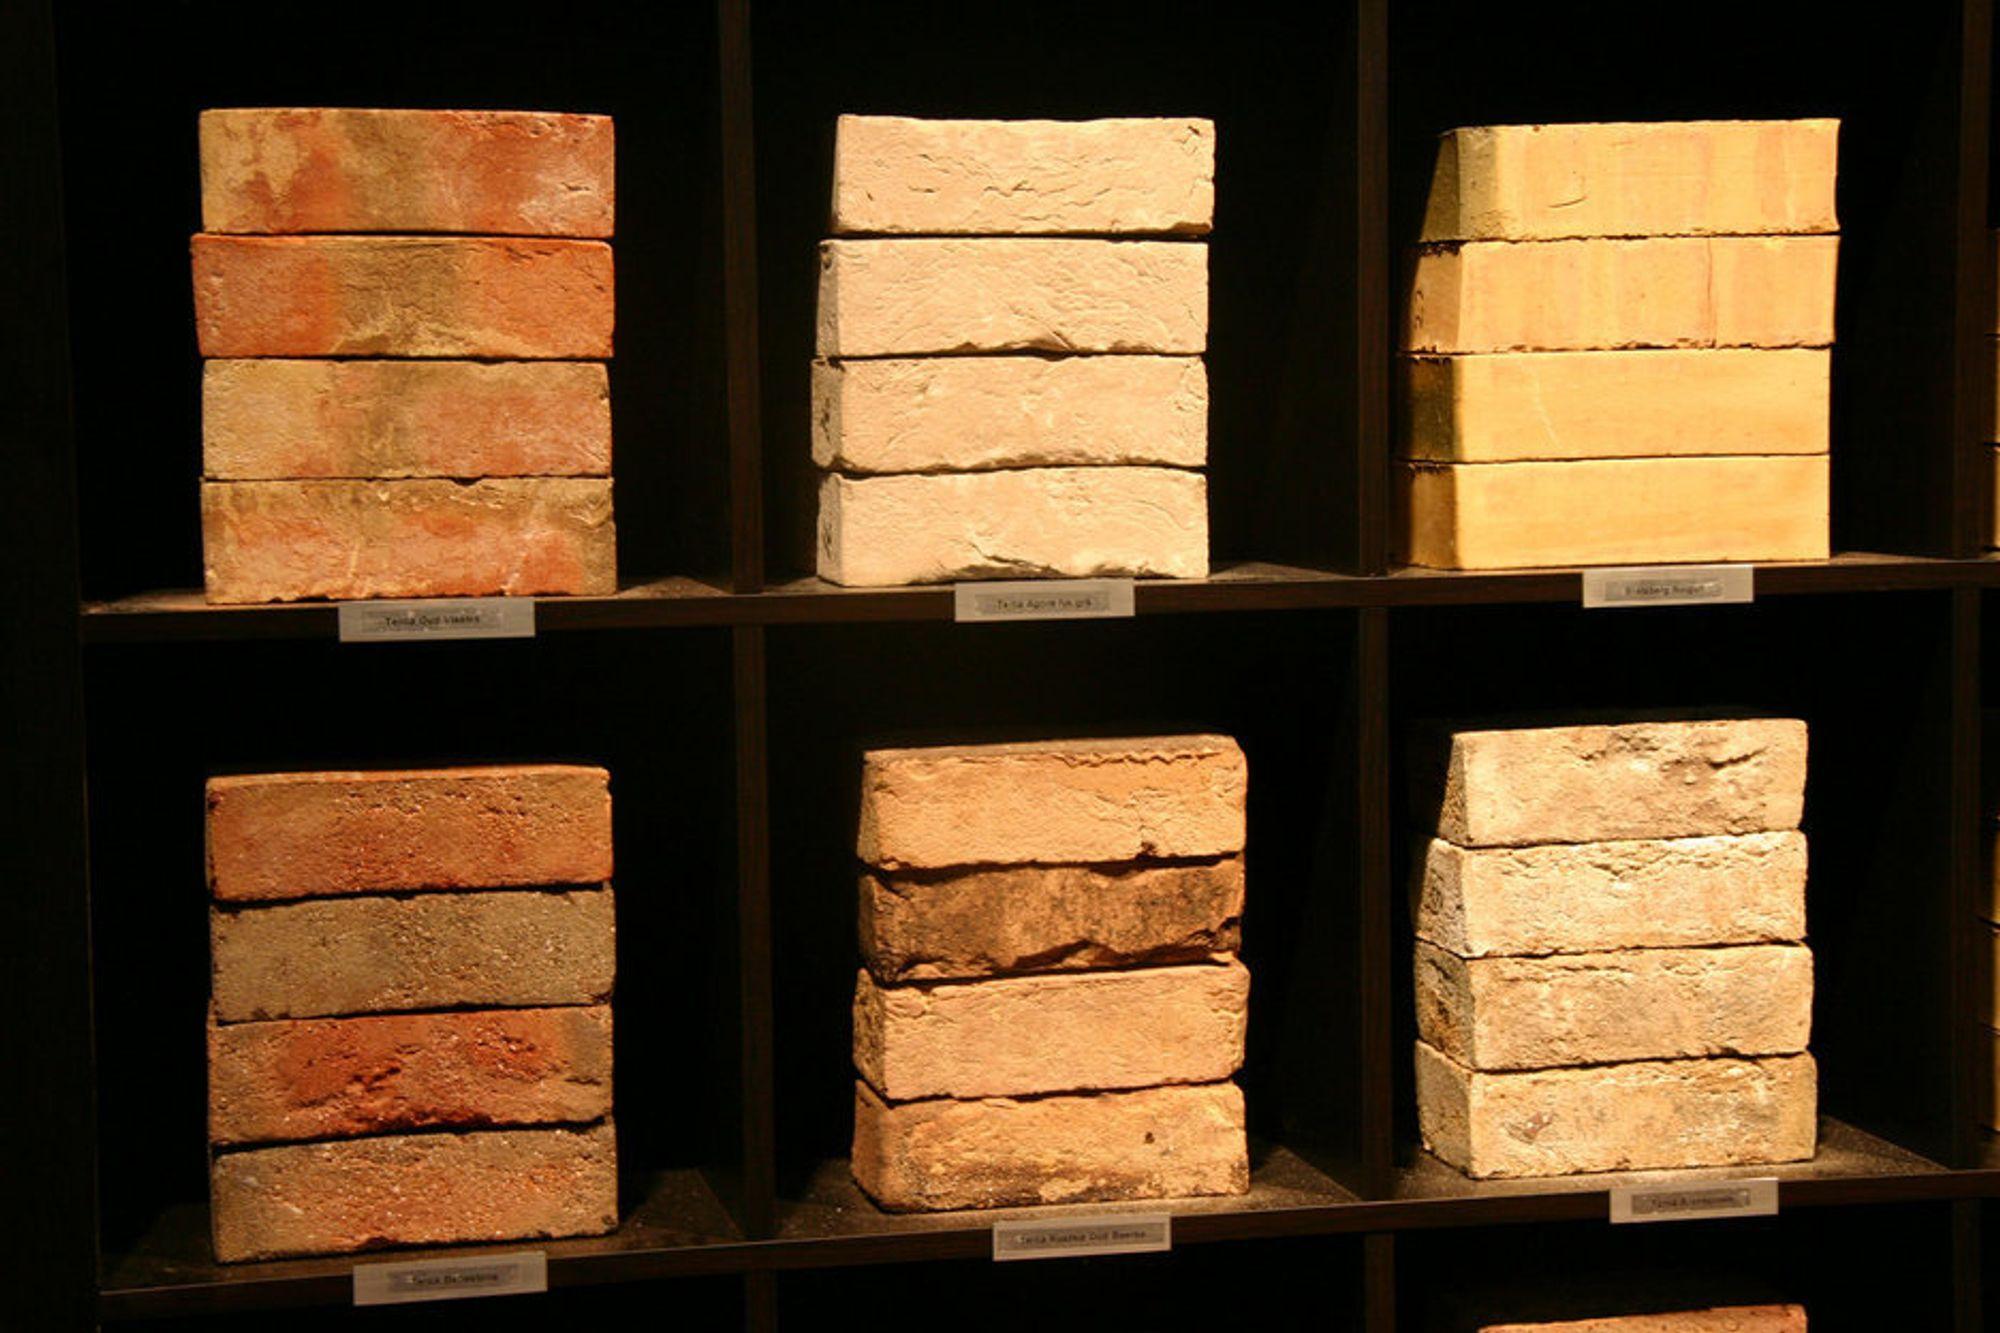 Nytt dansk forskningsprosjekt har funnet metode for gjenbruk av murstein.